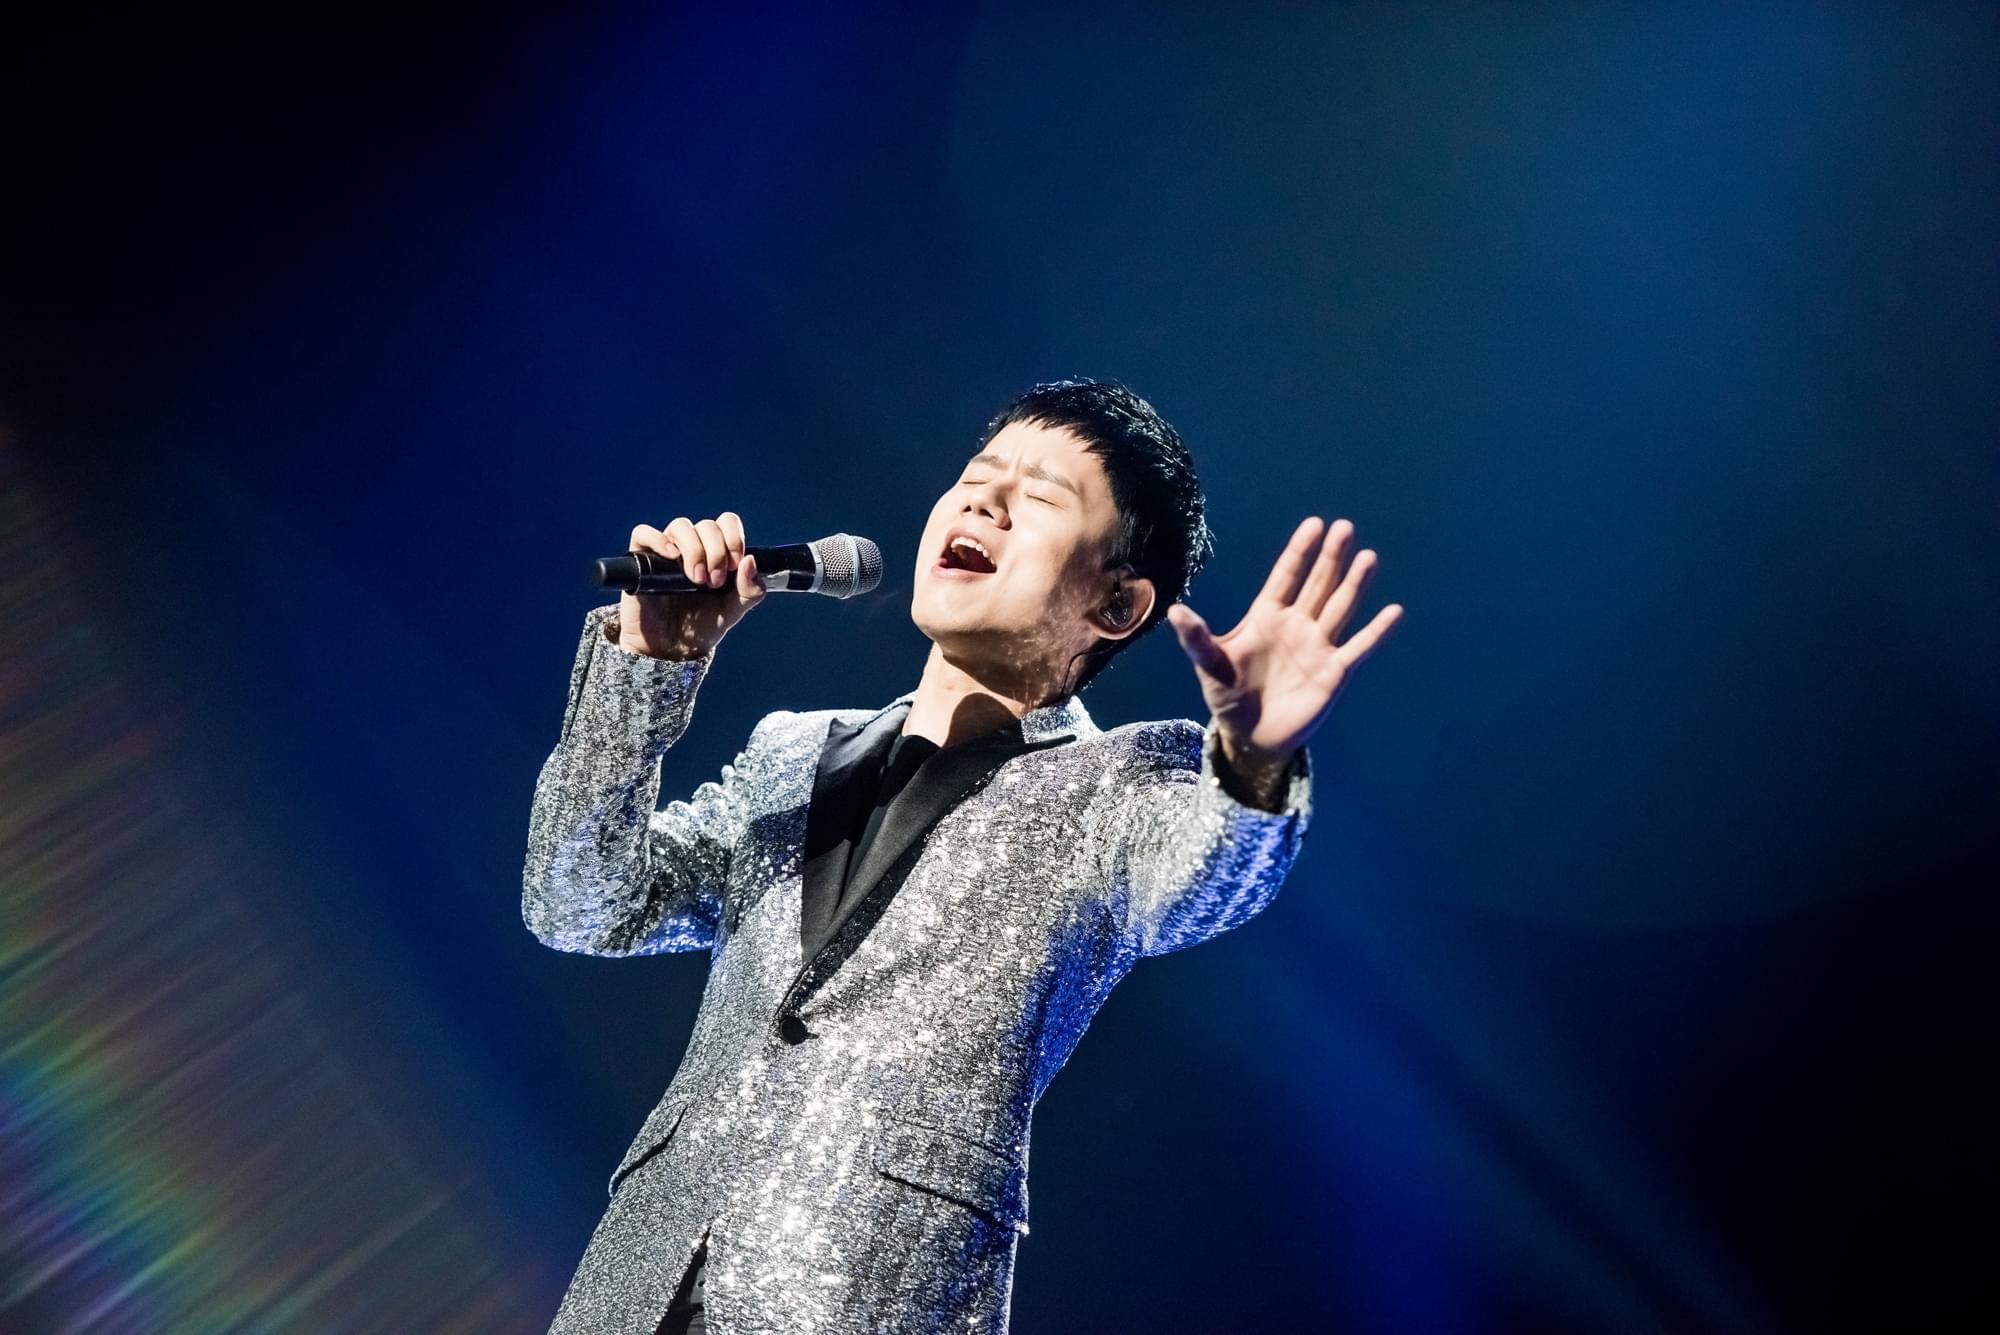 张杰世界巡演洛杉矶首站启动 全新曲目回馈歌迷